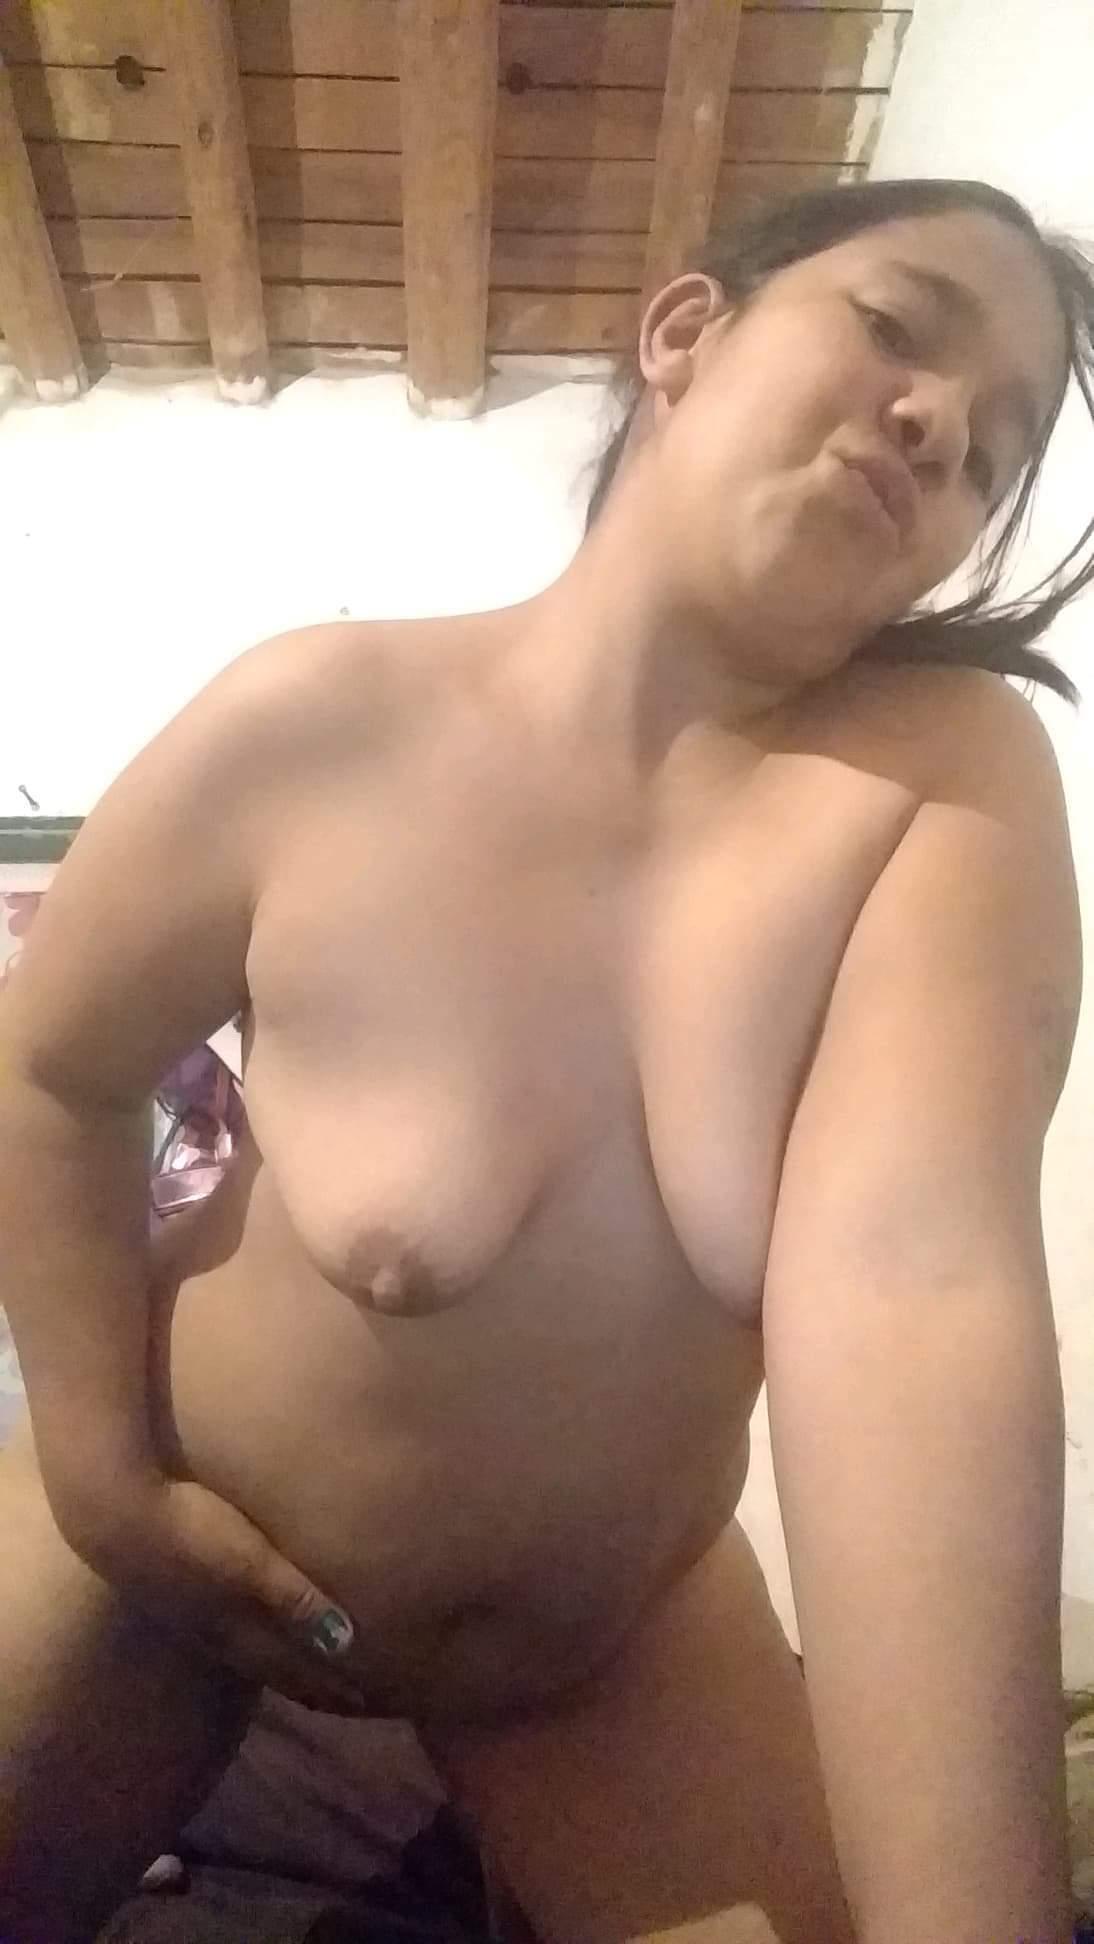 fotos putitas mexicanas, fotos de porno mujeres mexicanas